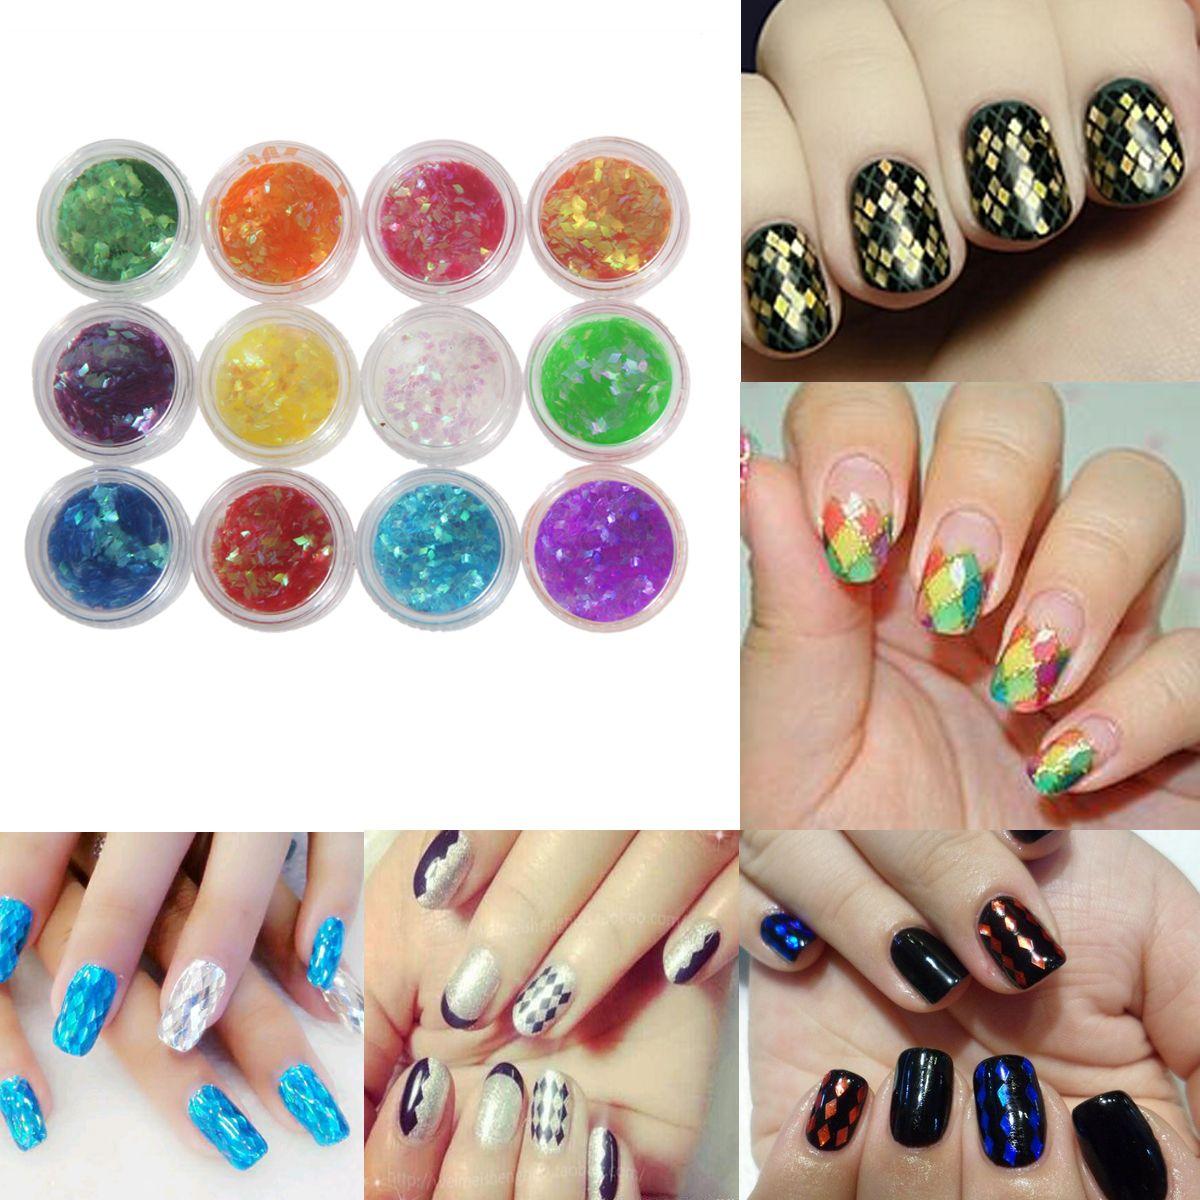 12 Colors Nail Art Tips Fine 3D Fingernail Sticker Sequins